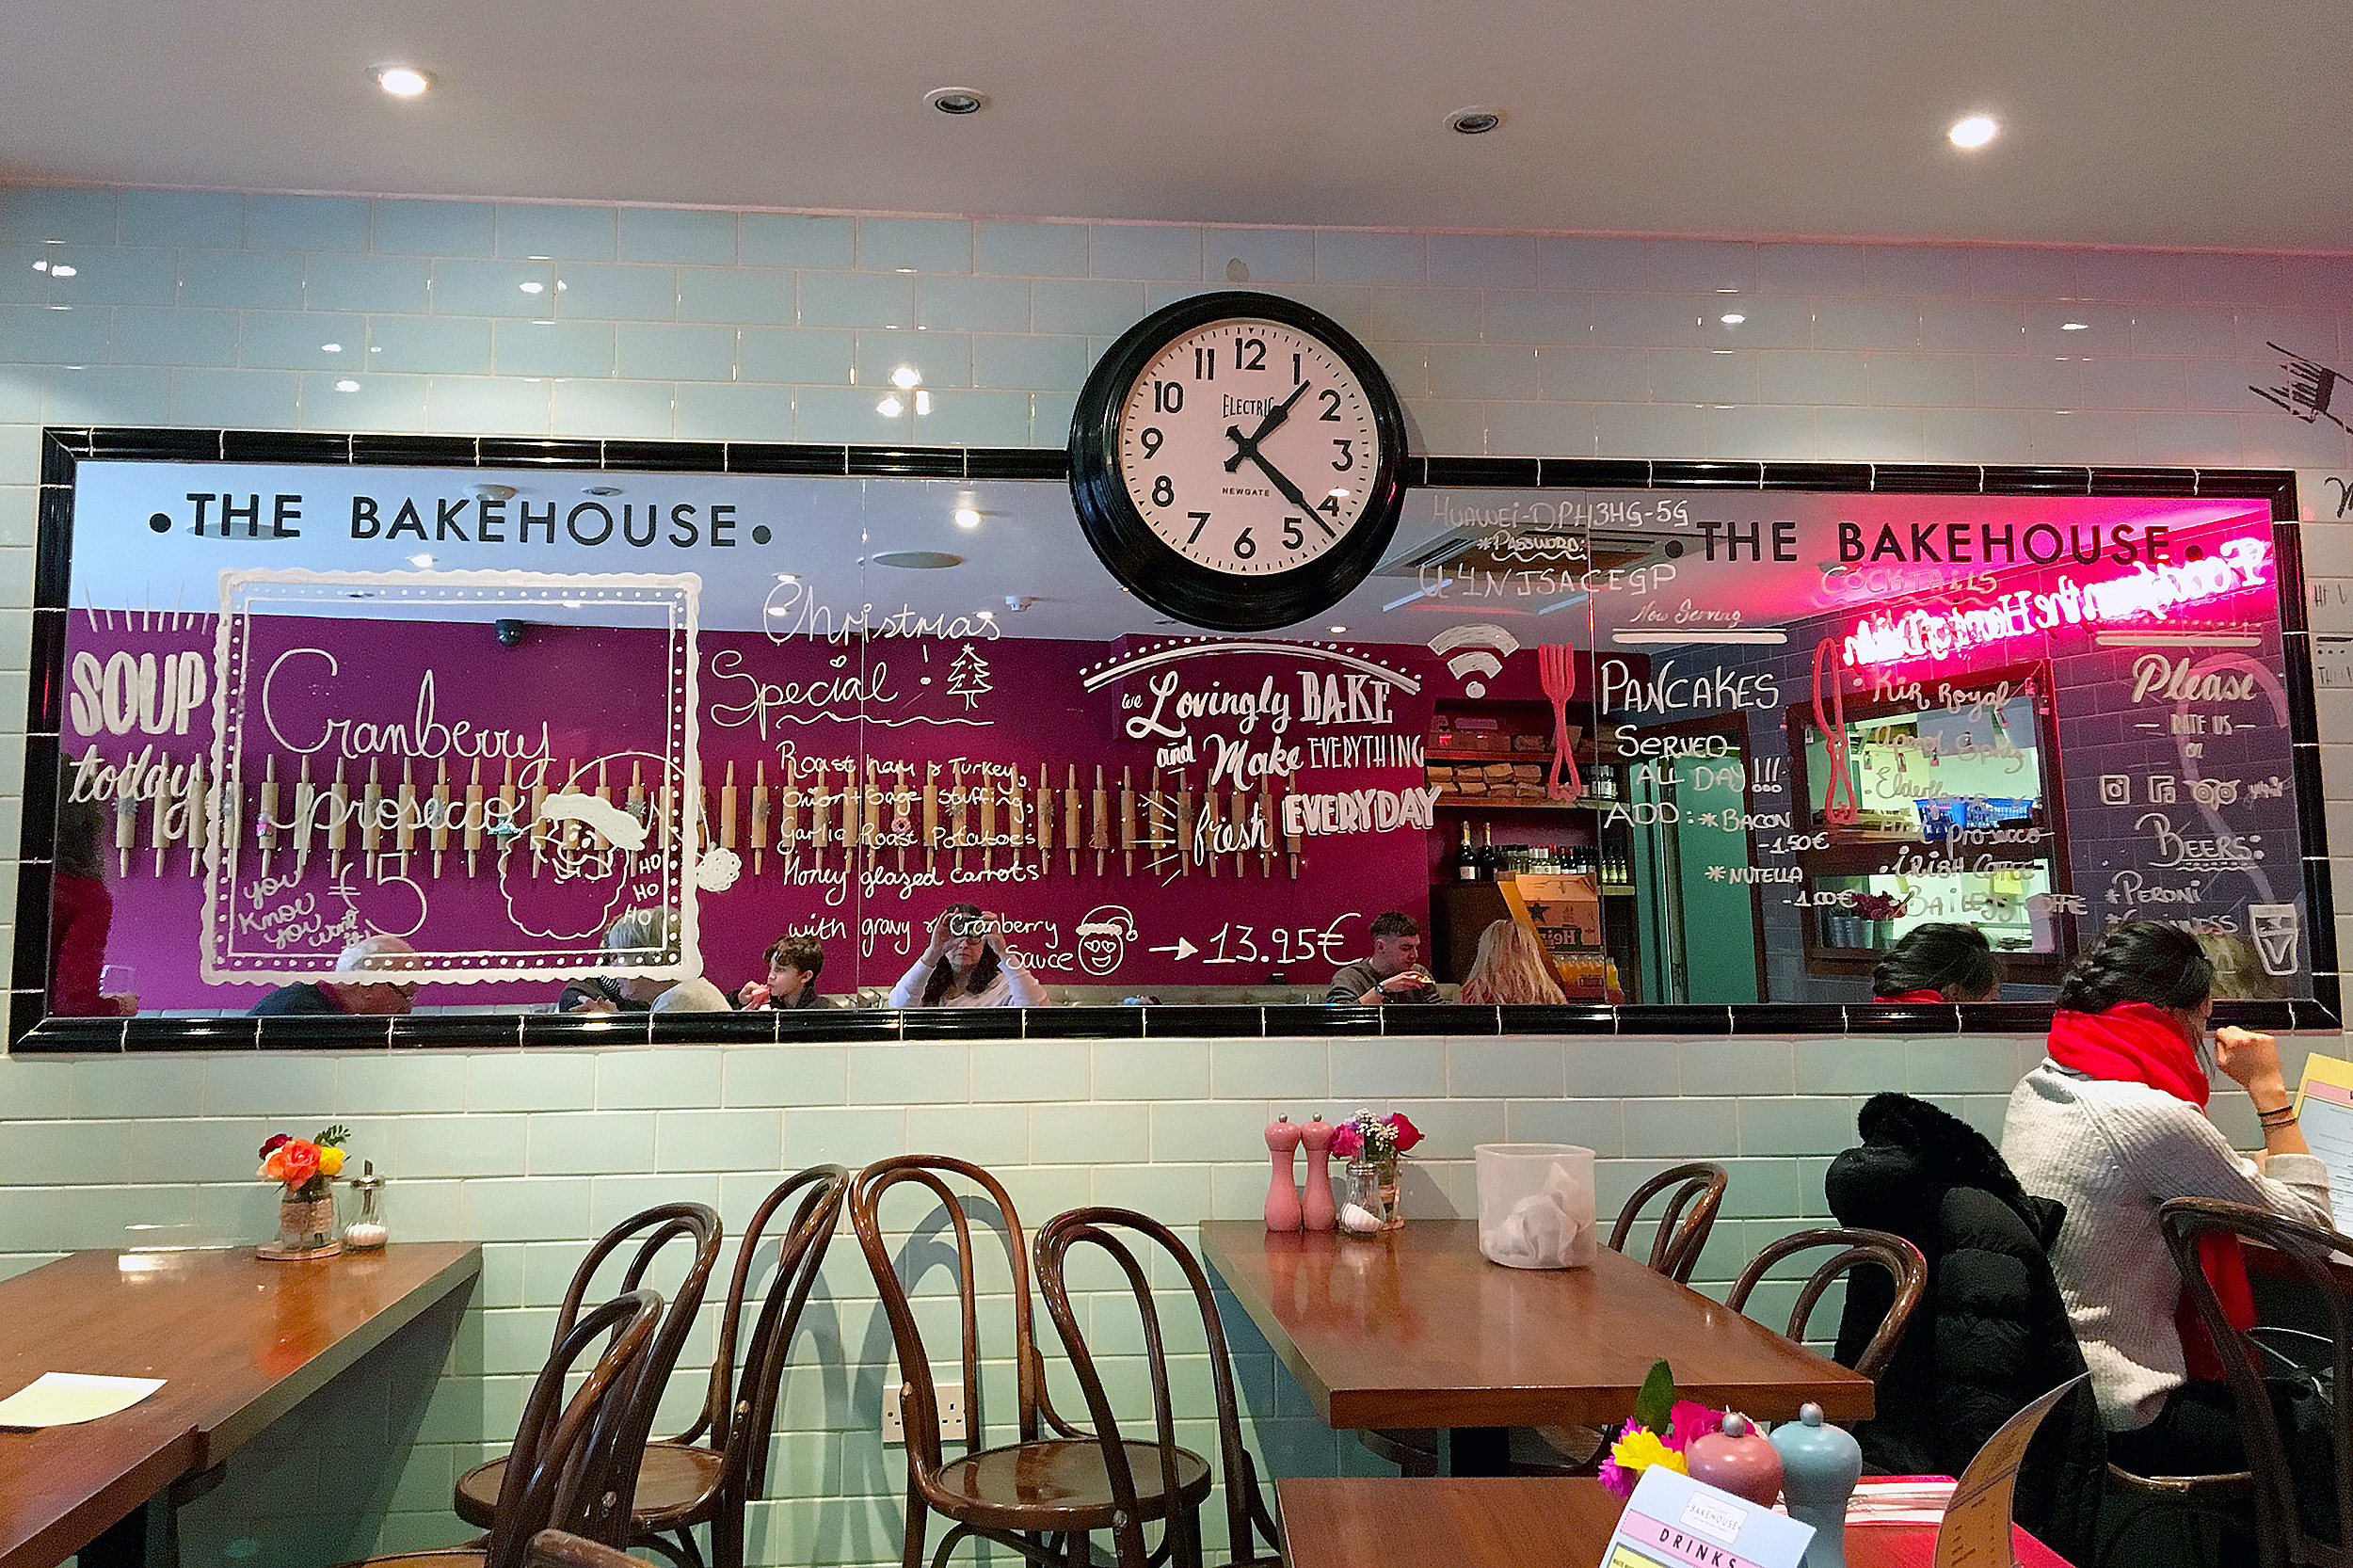 The Bakehouse Dublin Irland